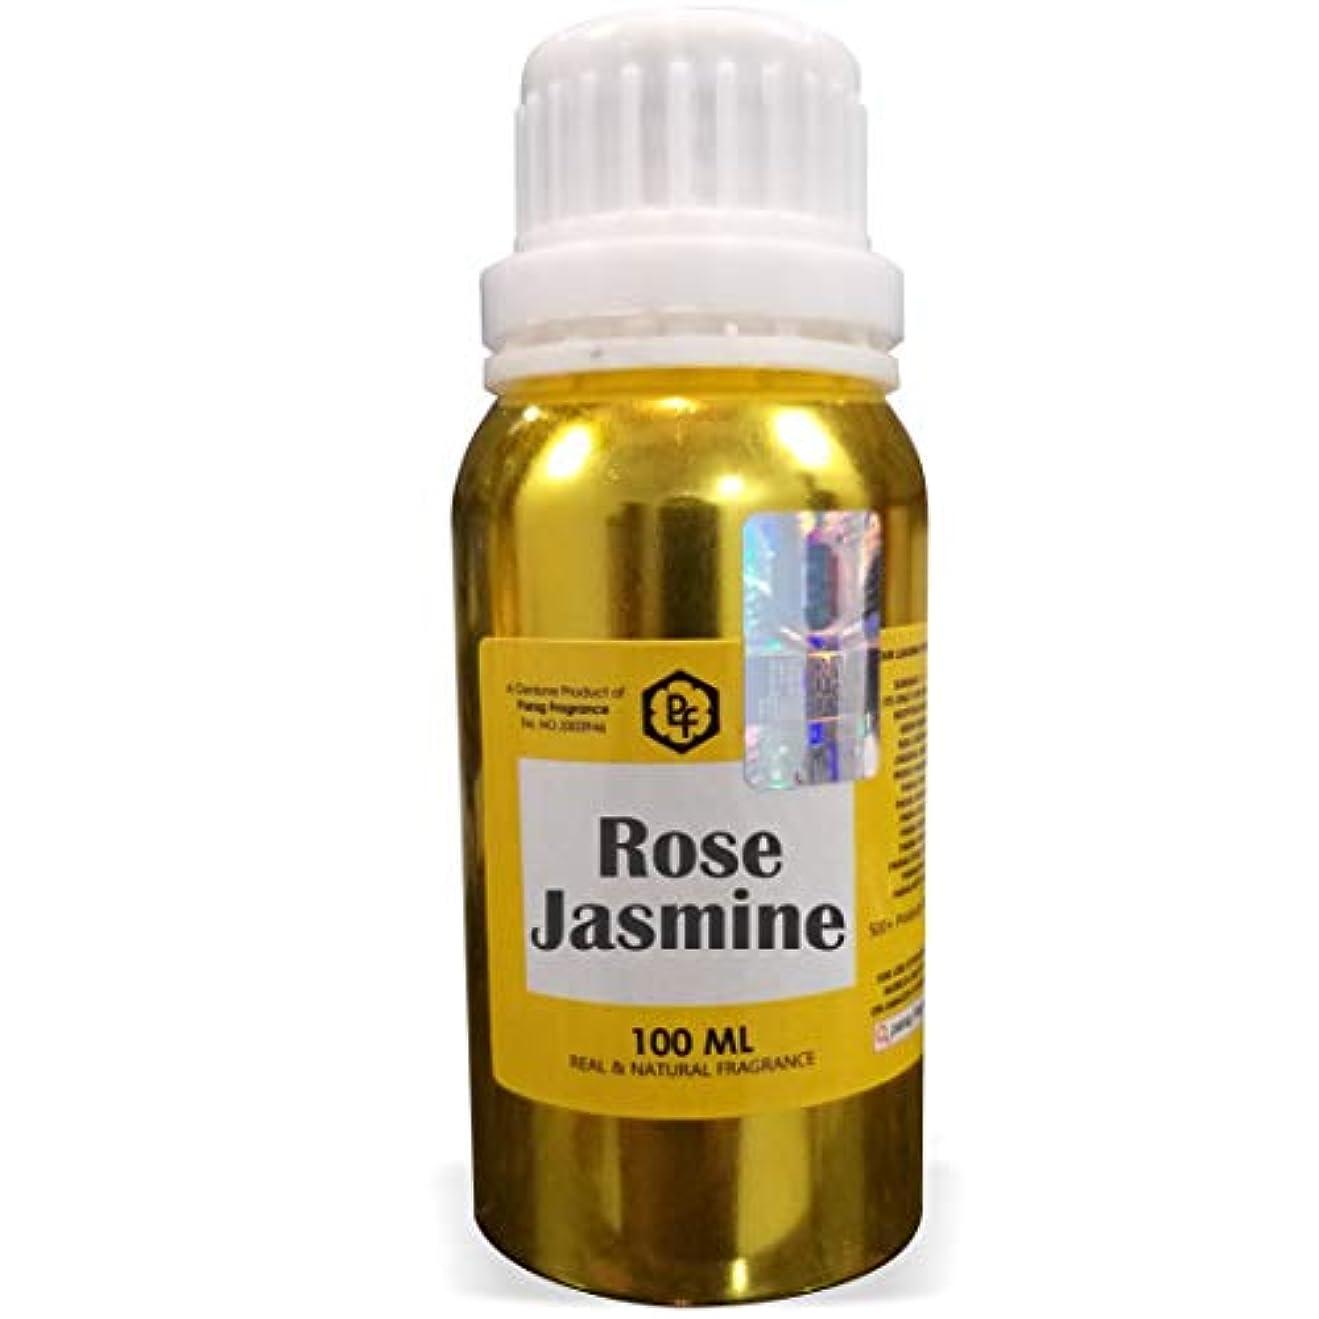 流行疑問に思うオーラルParagフレグランスローズジャスミンアター100ミリリットル(男性用アルコールフリーアター)香油  香り  ITRA